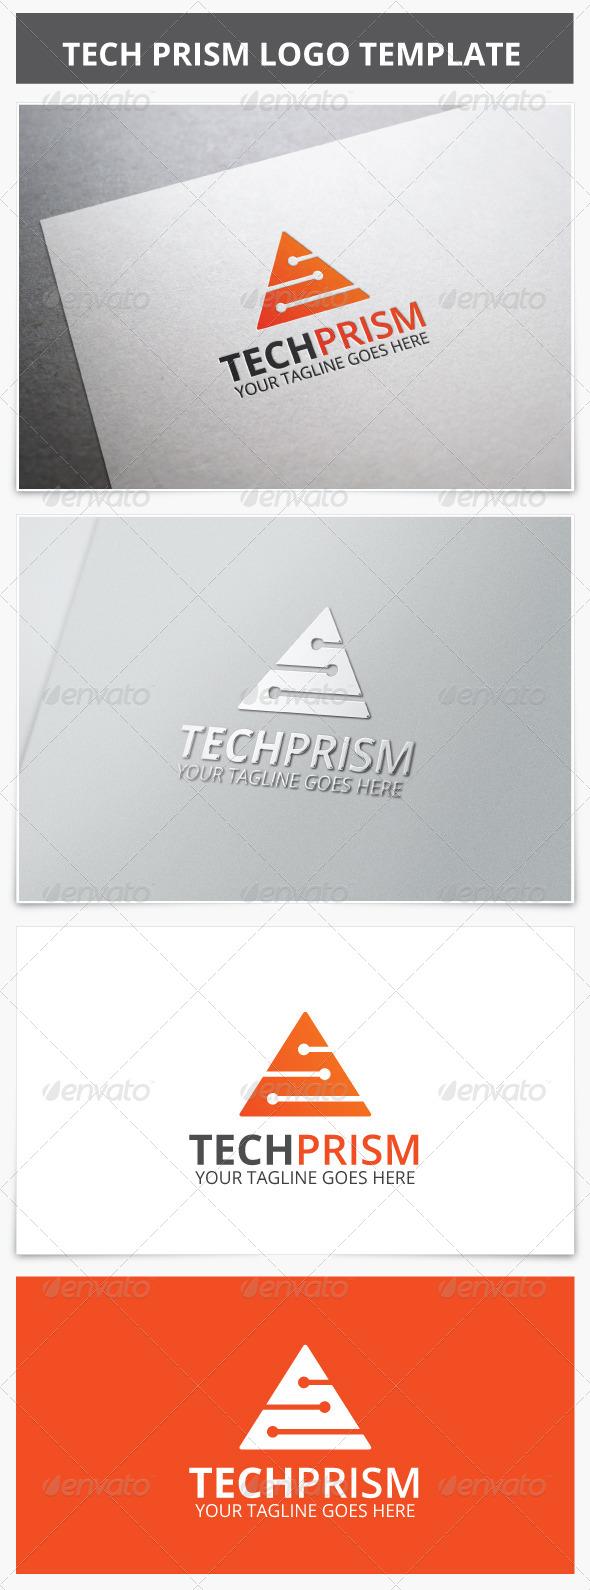 Tech Prism Logo - Vector Abstract